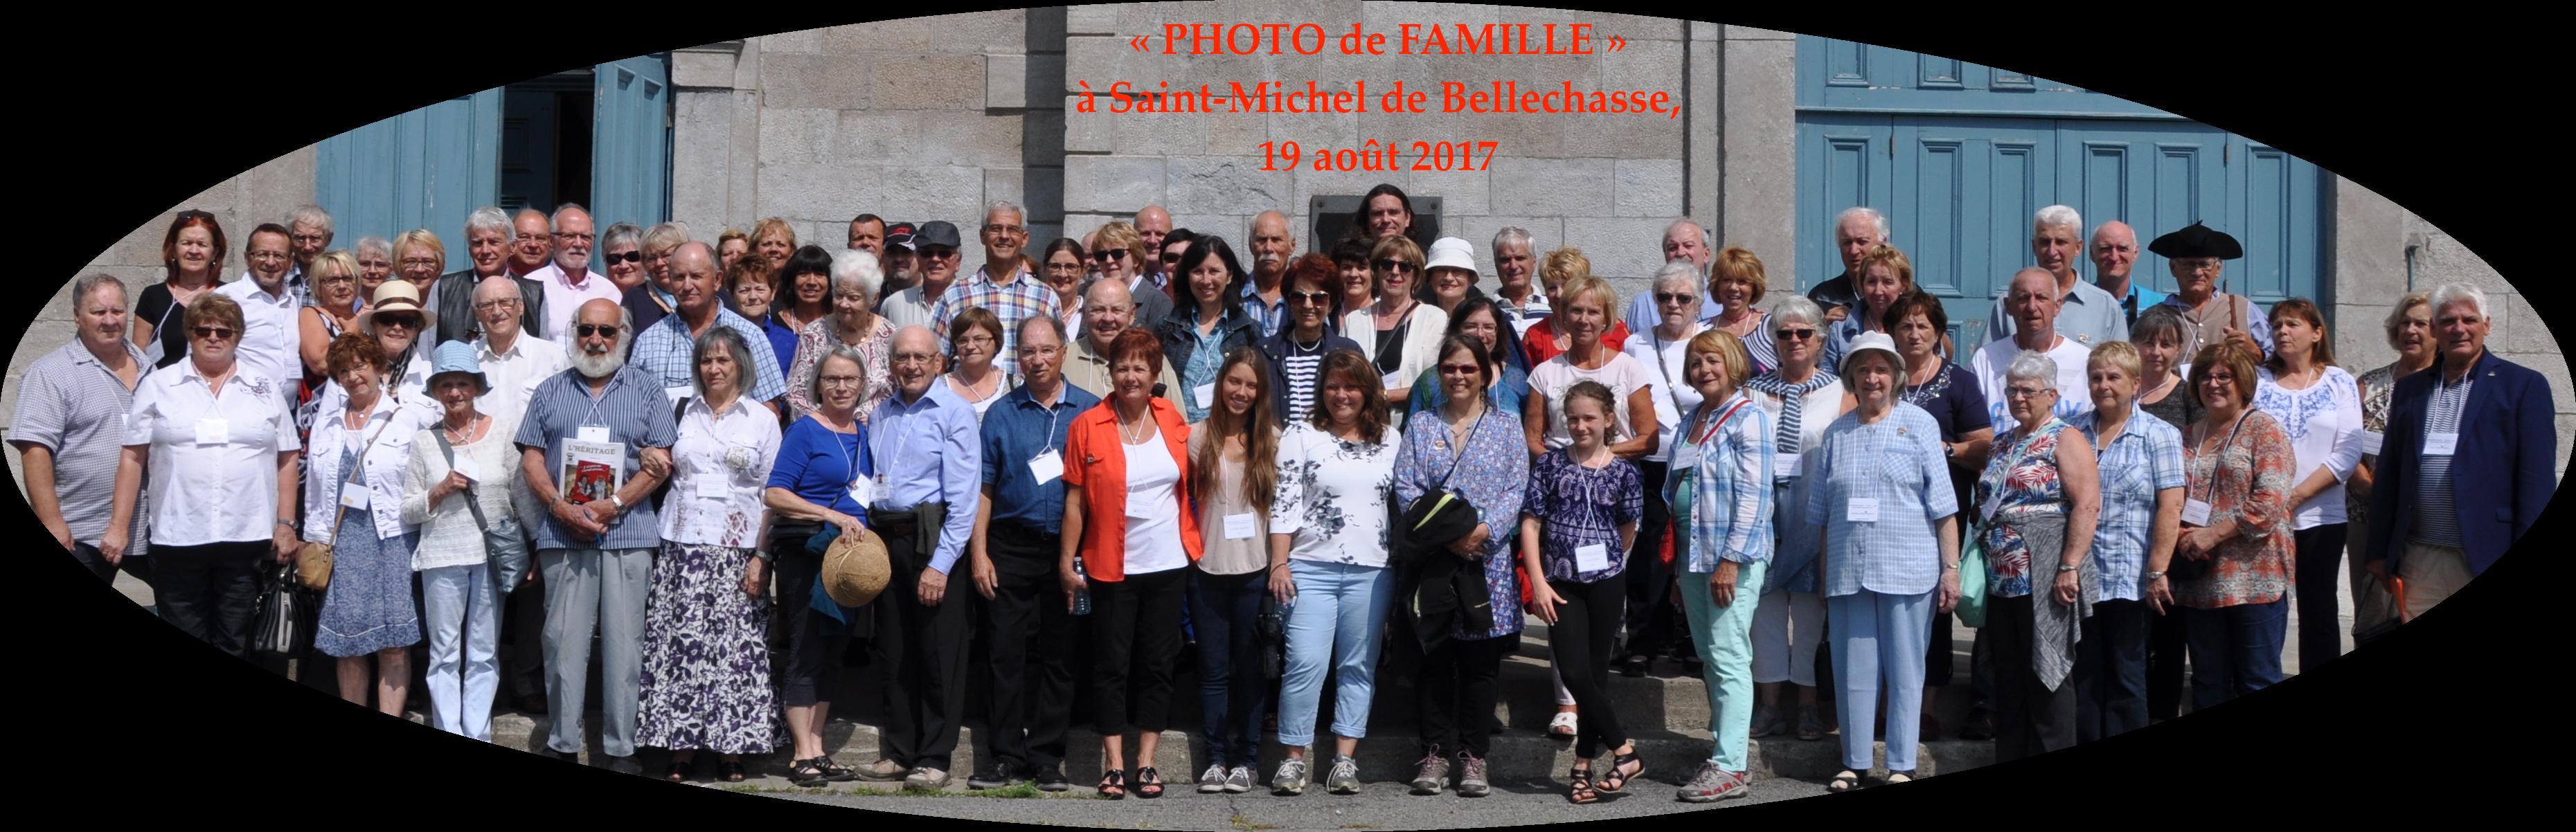 RASSEMBLEMENT VÉZINA 2017  St-Michel de Bellechasse